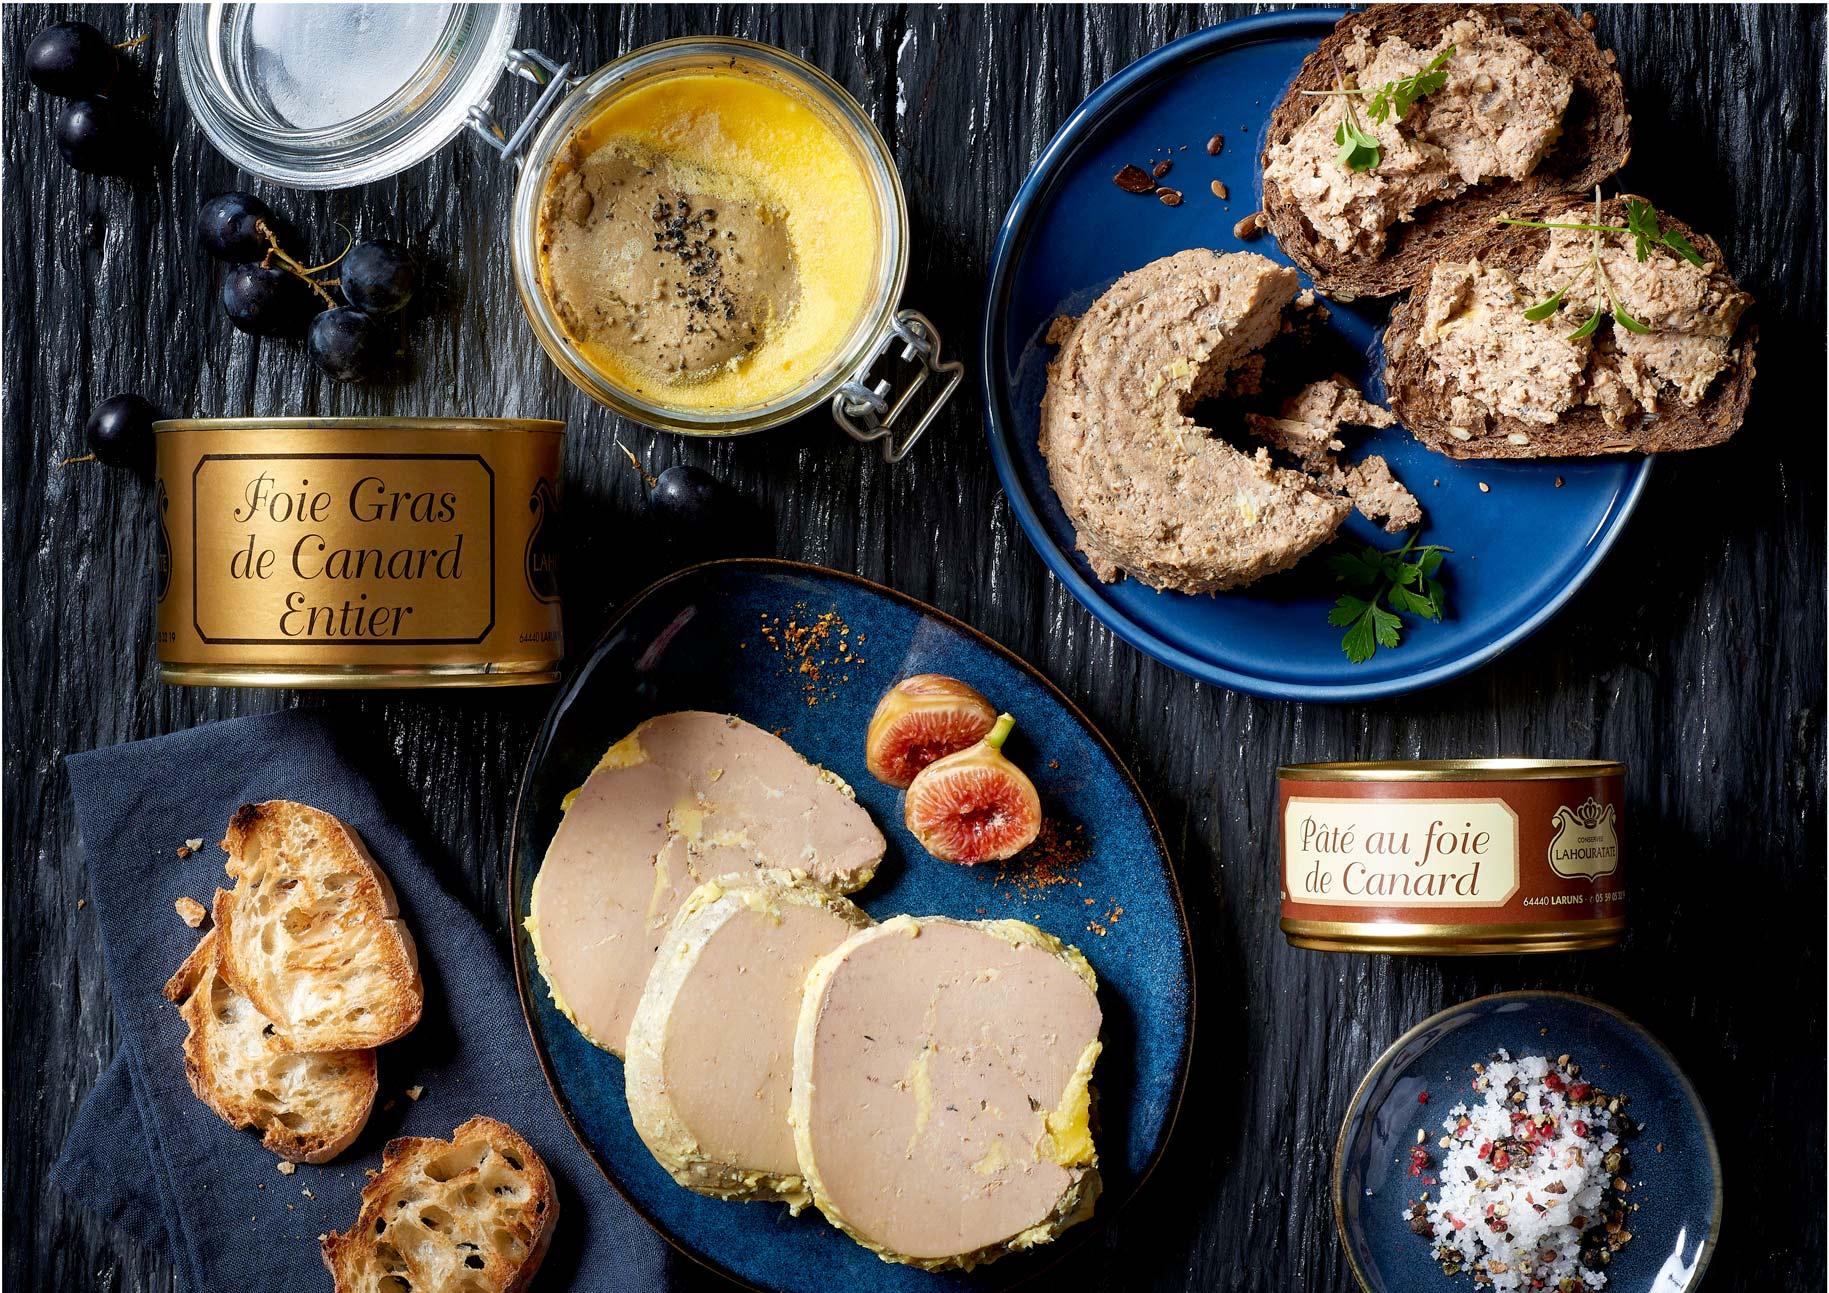 Foies gras de la Maison Lahouratate